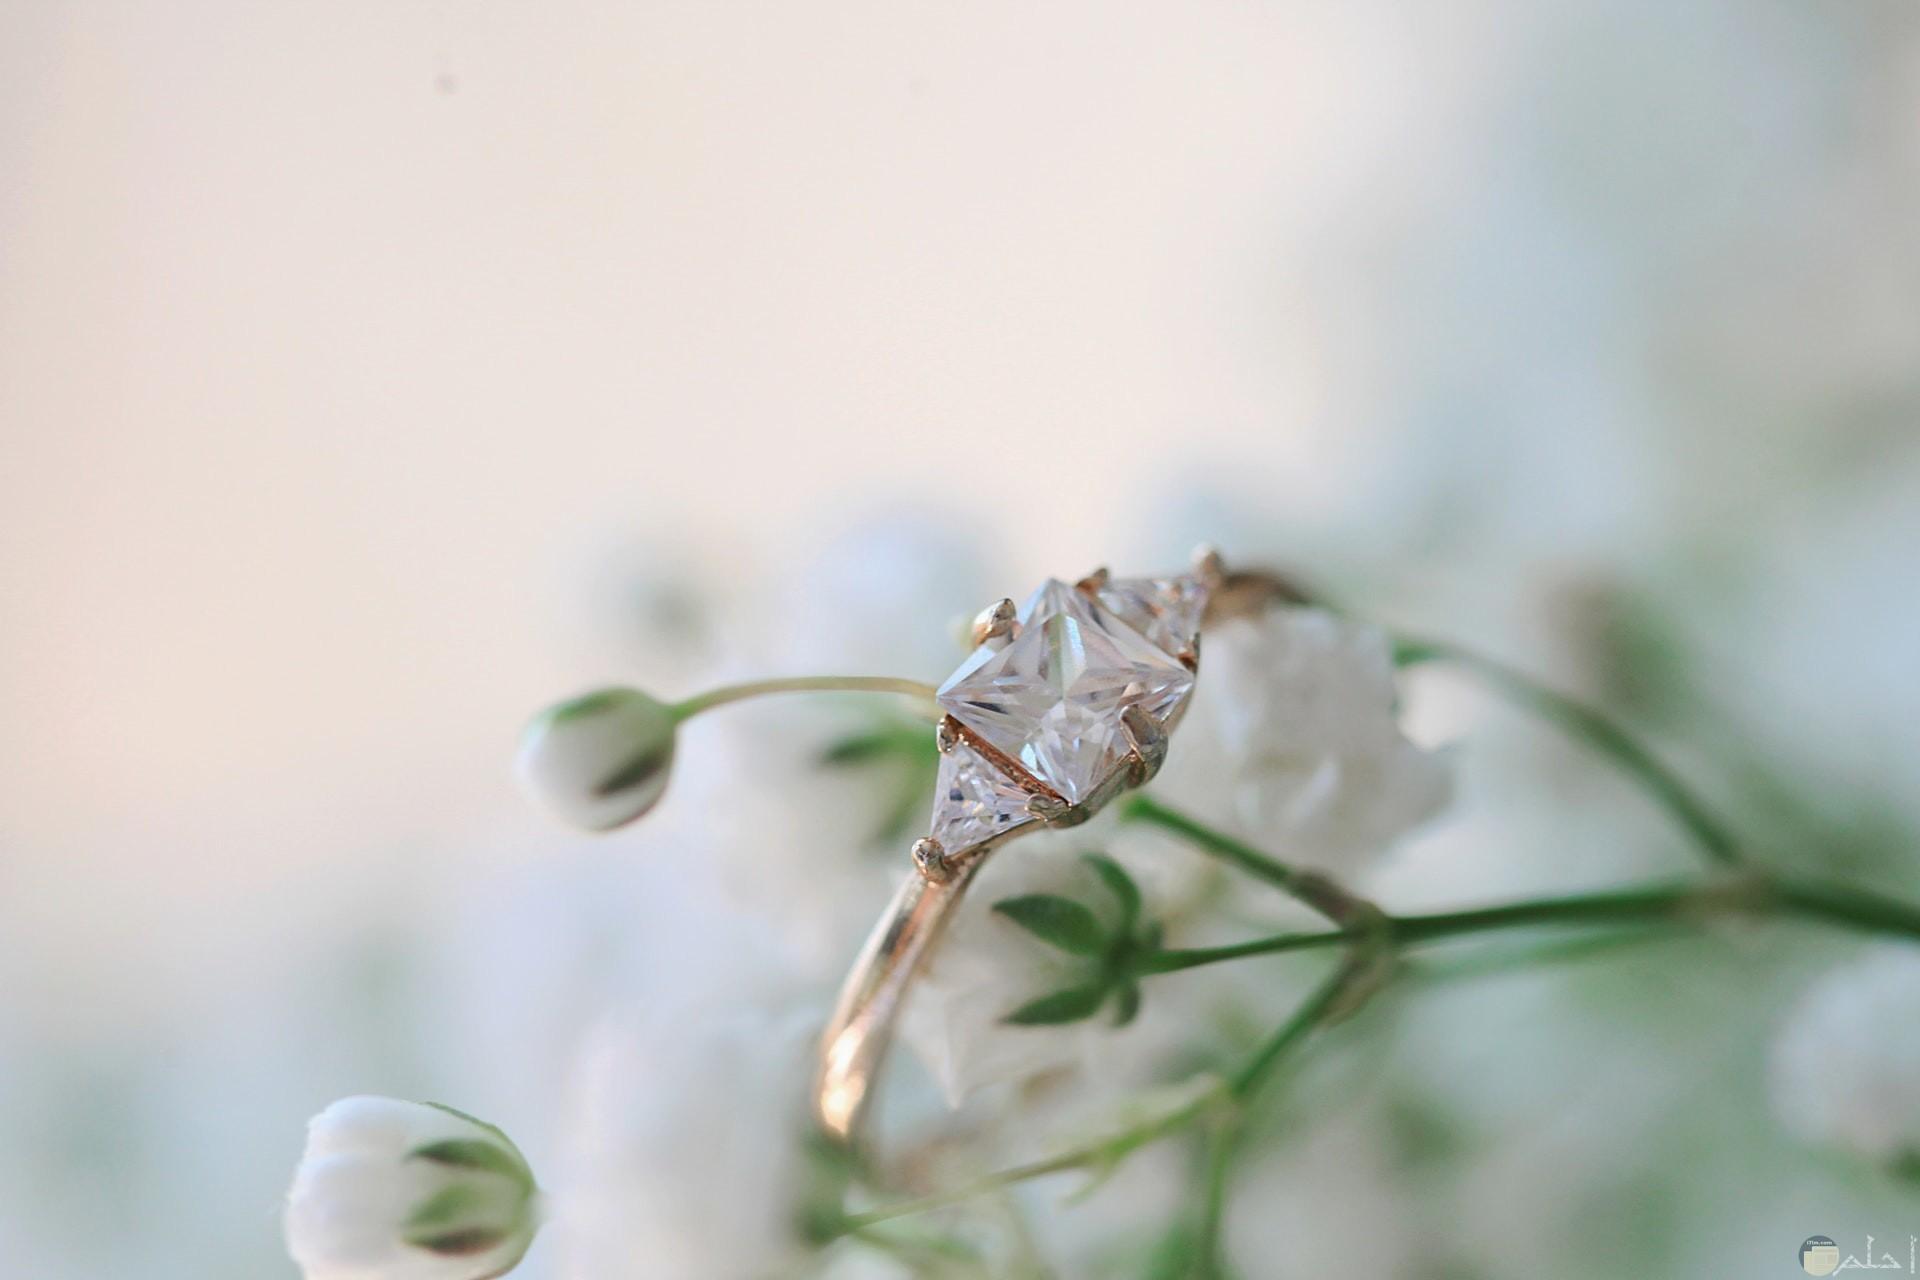 صورة خاتم جميل جدا بمجوهرات مميزة به مع خلفية ورد أبيض جميلة